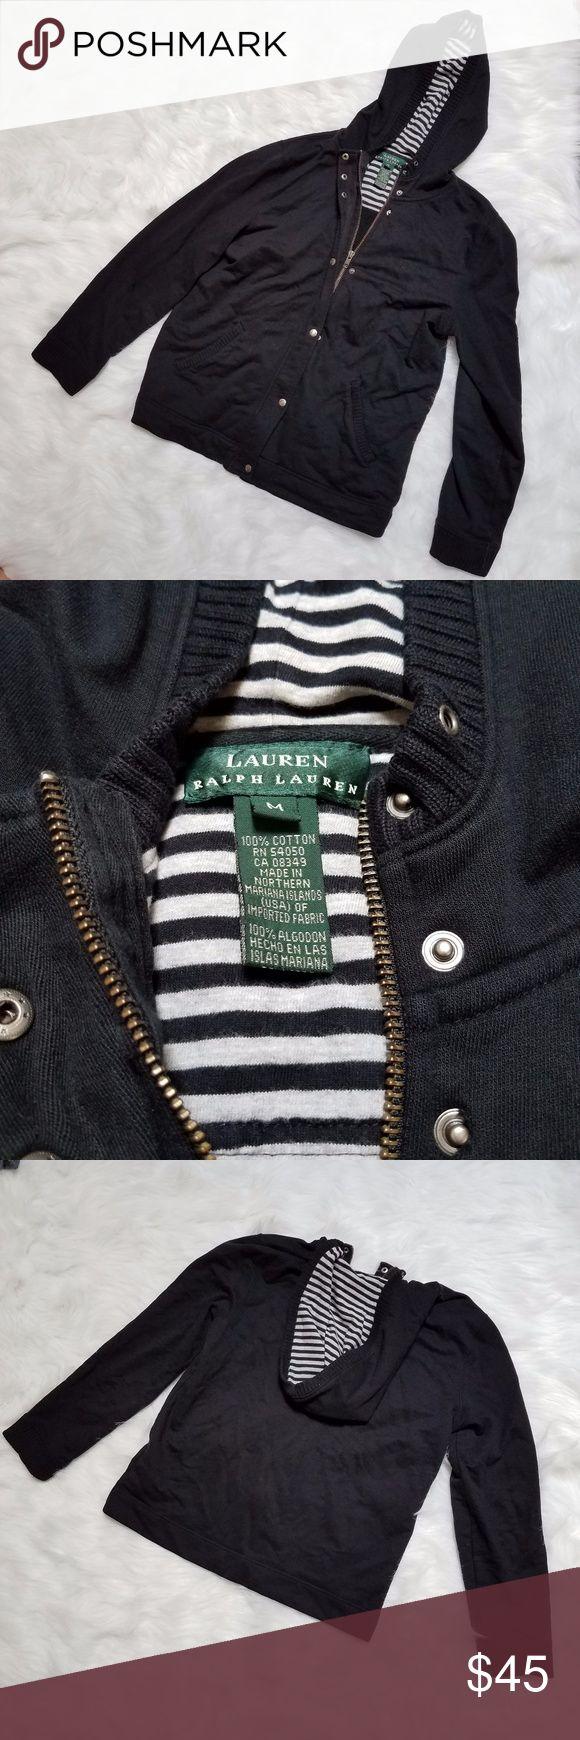 Women's Lauren Ralph Lauren zip up sweater Women's Lauren Ralph Lauren 100% cotton black zip up sweater, metal snap closure over zipper, hood with striped lining, size medium Lauren Ralph Lauren Tops Sweatshirts & Hoodies